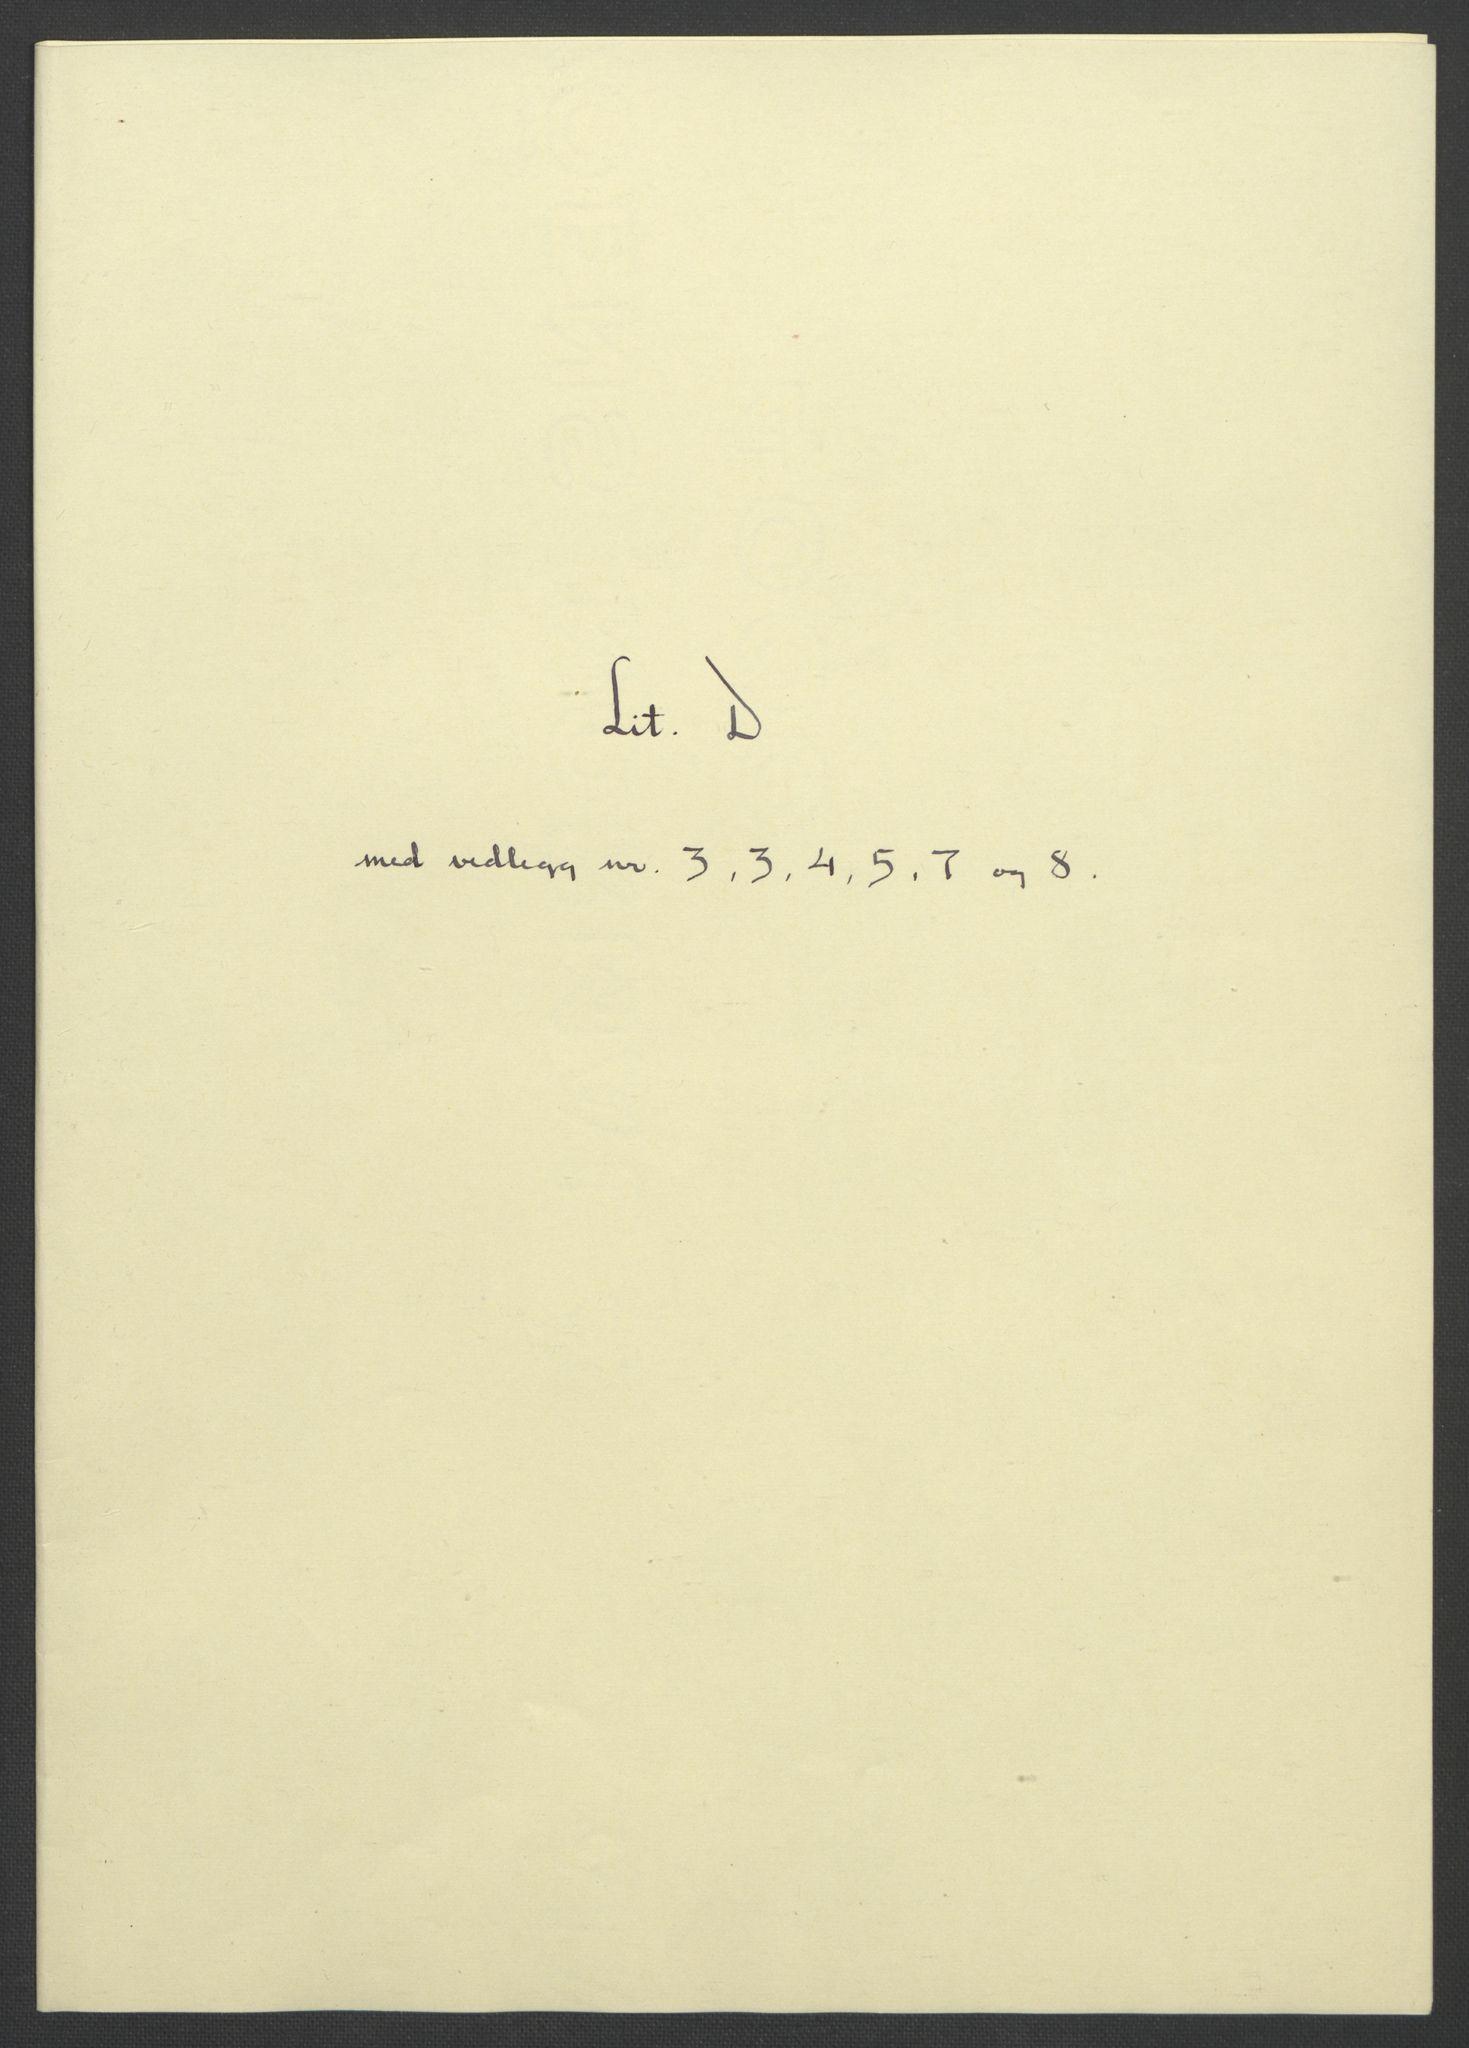 RA, Rentekammeret inntil 1814, Reviderte regnskaper, Fogderegnskap, R53/L3422: Fogderegnskap Sunn- og Nordfjord, 1695-1696, s. 75